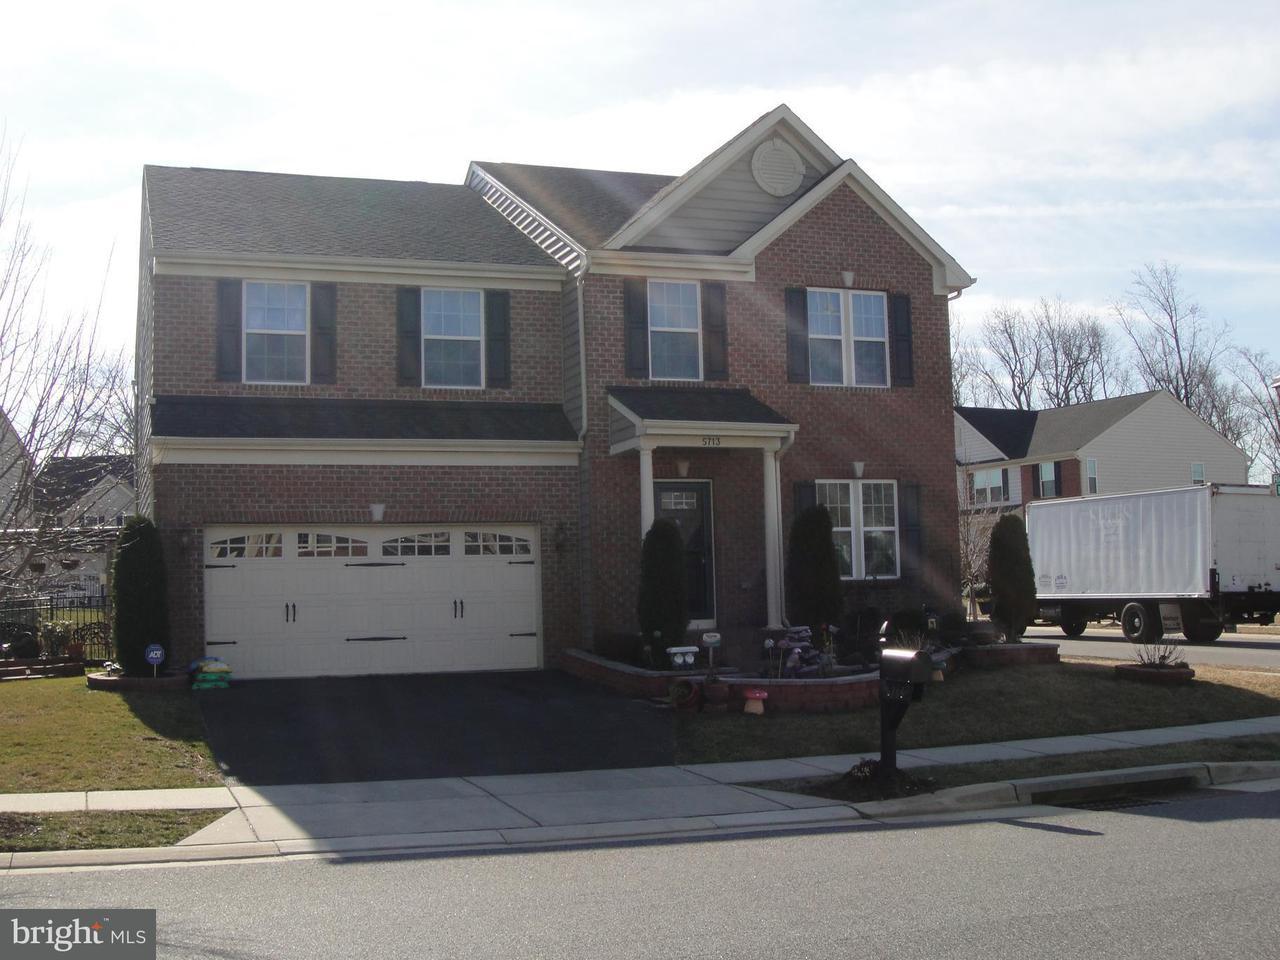 一戸建て のために 売買 アット 5713 Fieldcrest Drive 5713 Fieldcrest Drive White Marsh, メリーランド 21162 アメリカ合衆国